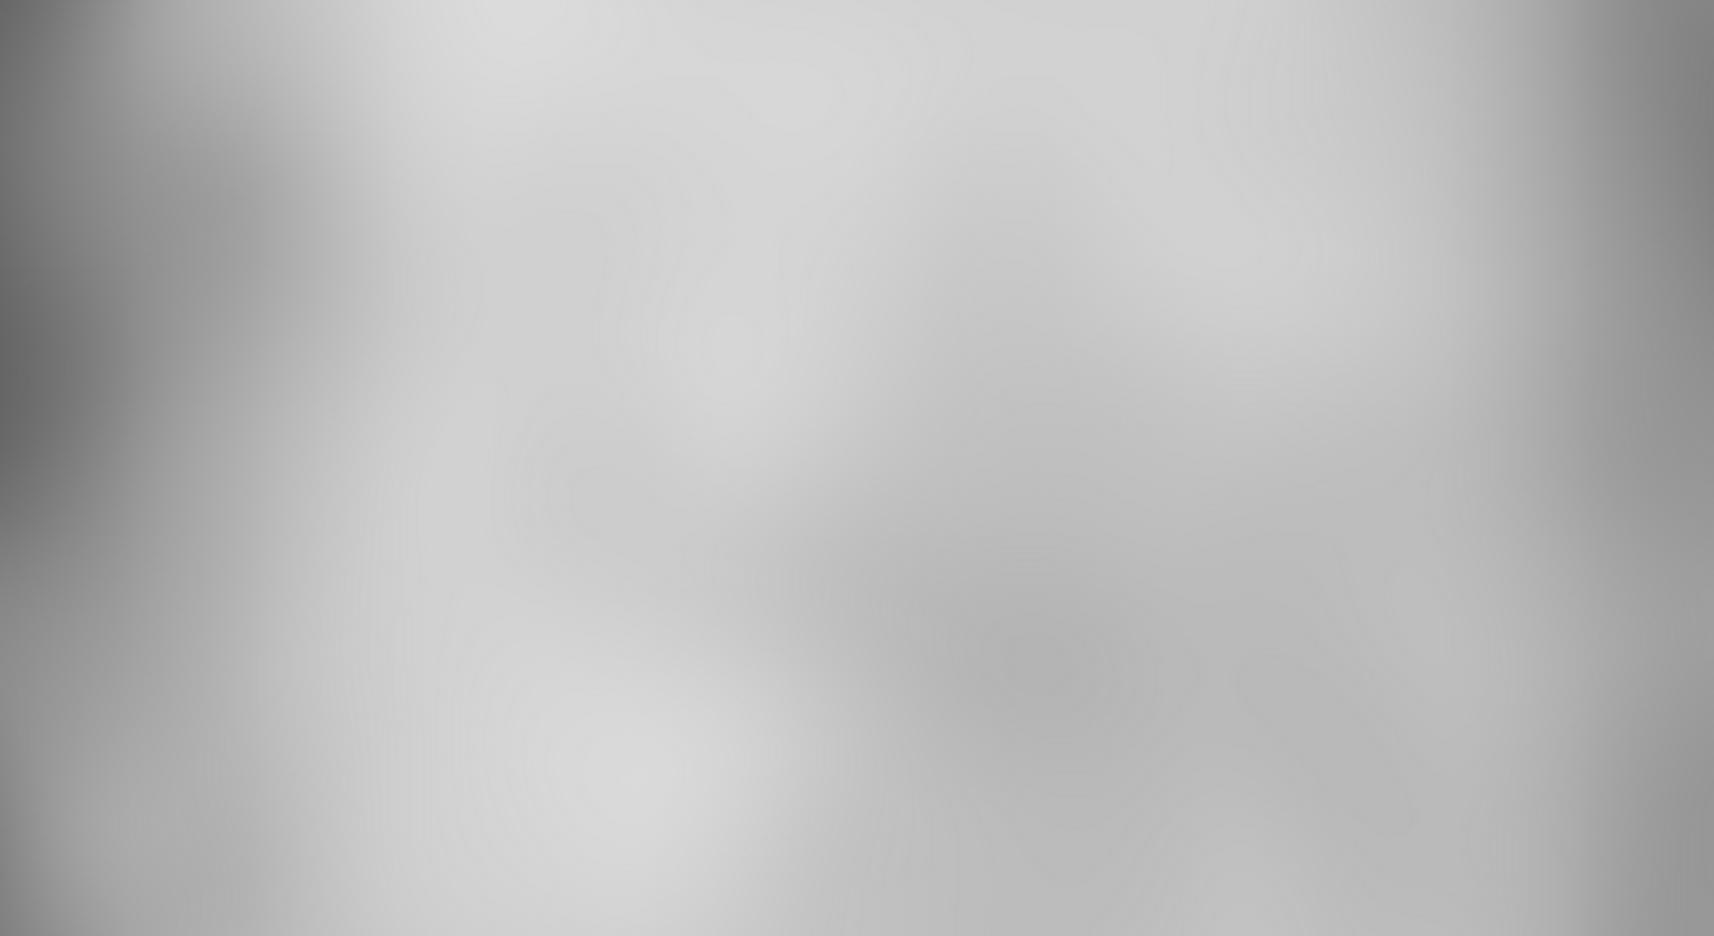 slide-background5